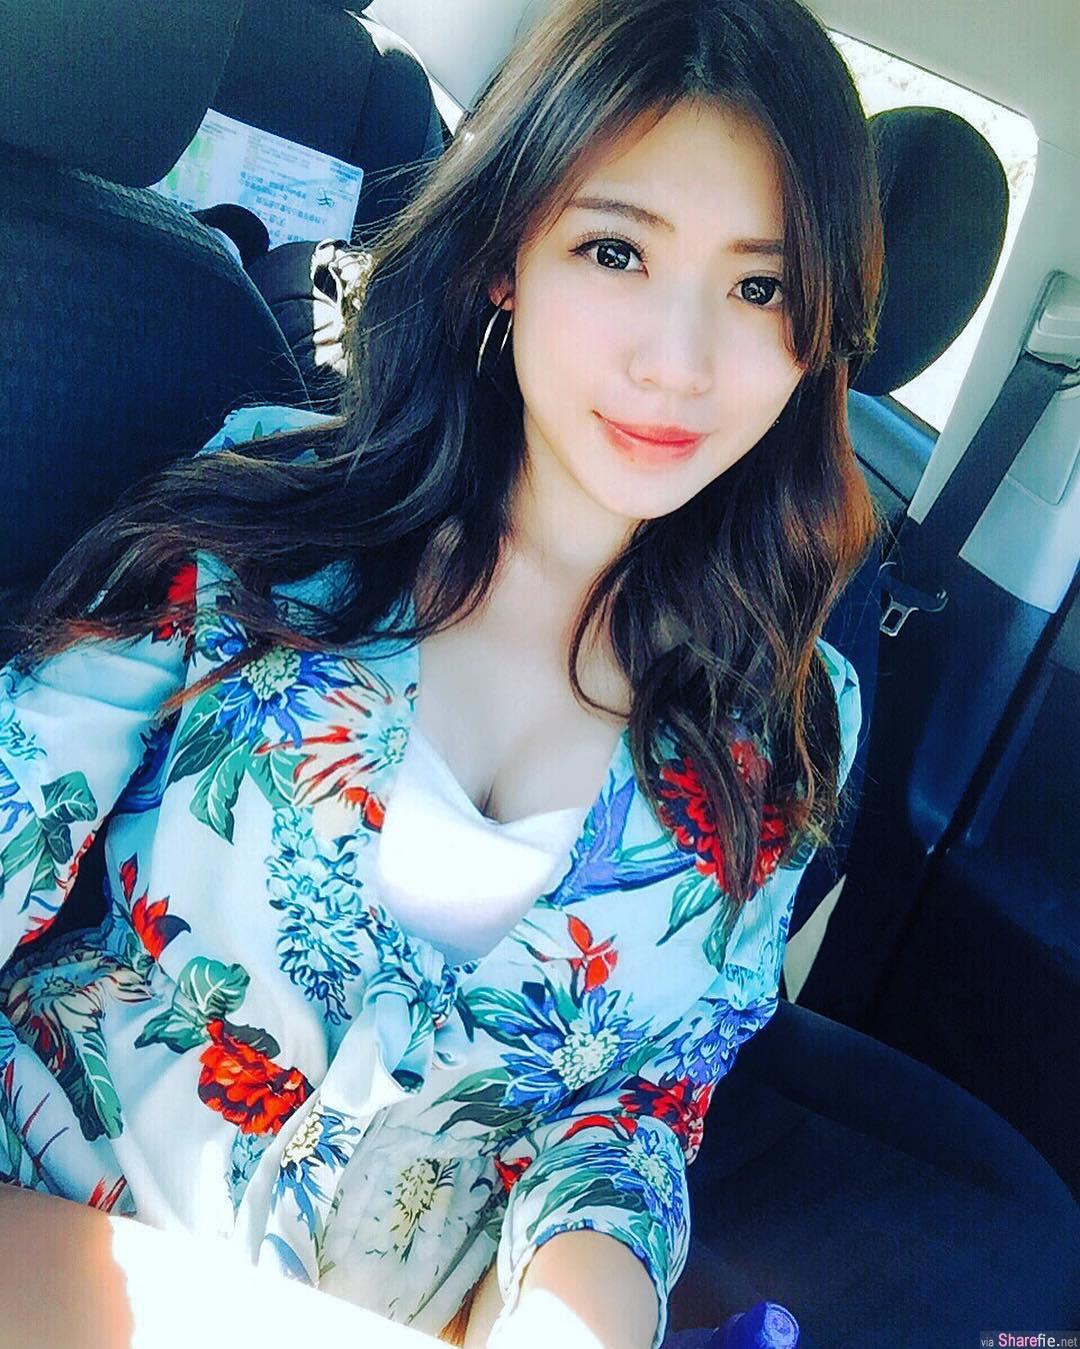 台湾正妹 KiKi 谢立琪 车展短裙亮出美腿好身材 纽西兰比基尼大放送直呼:好冷